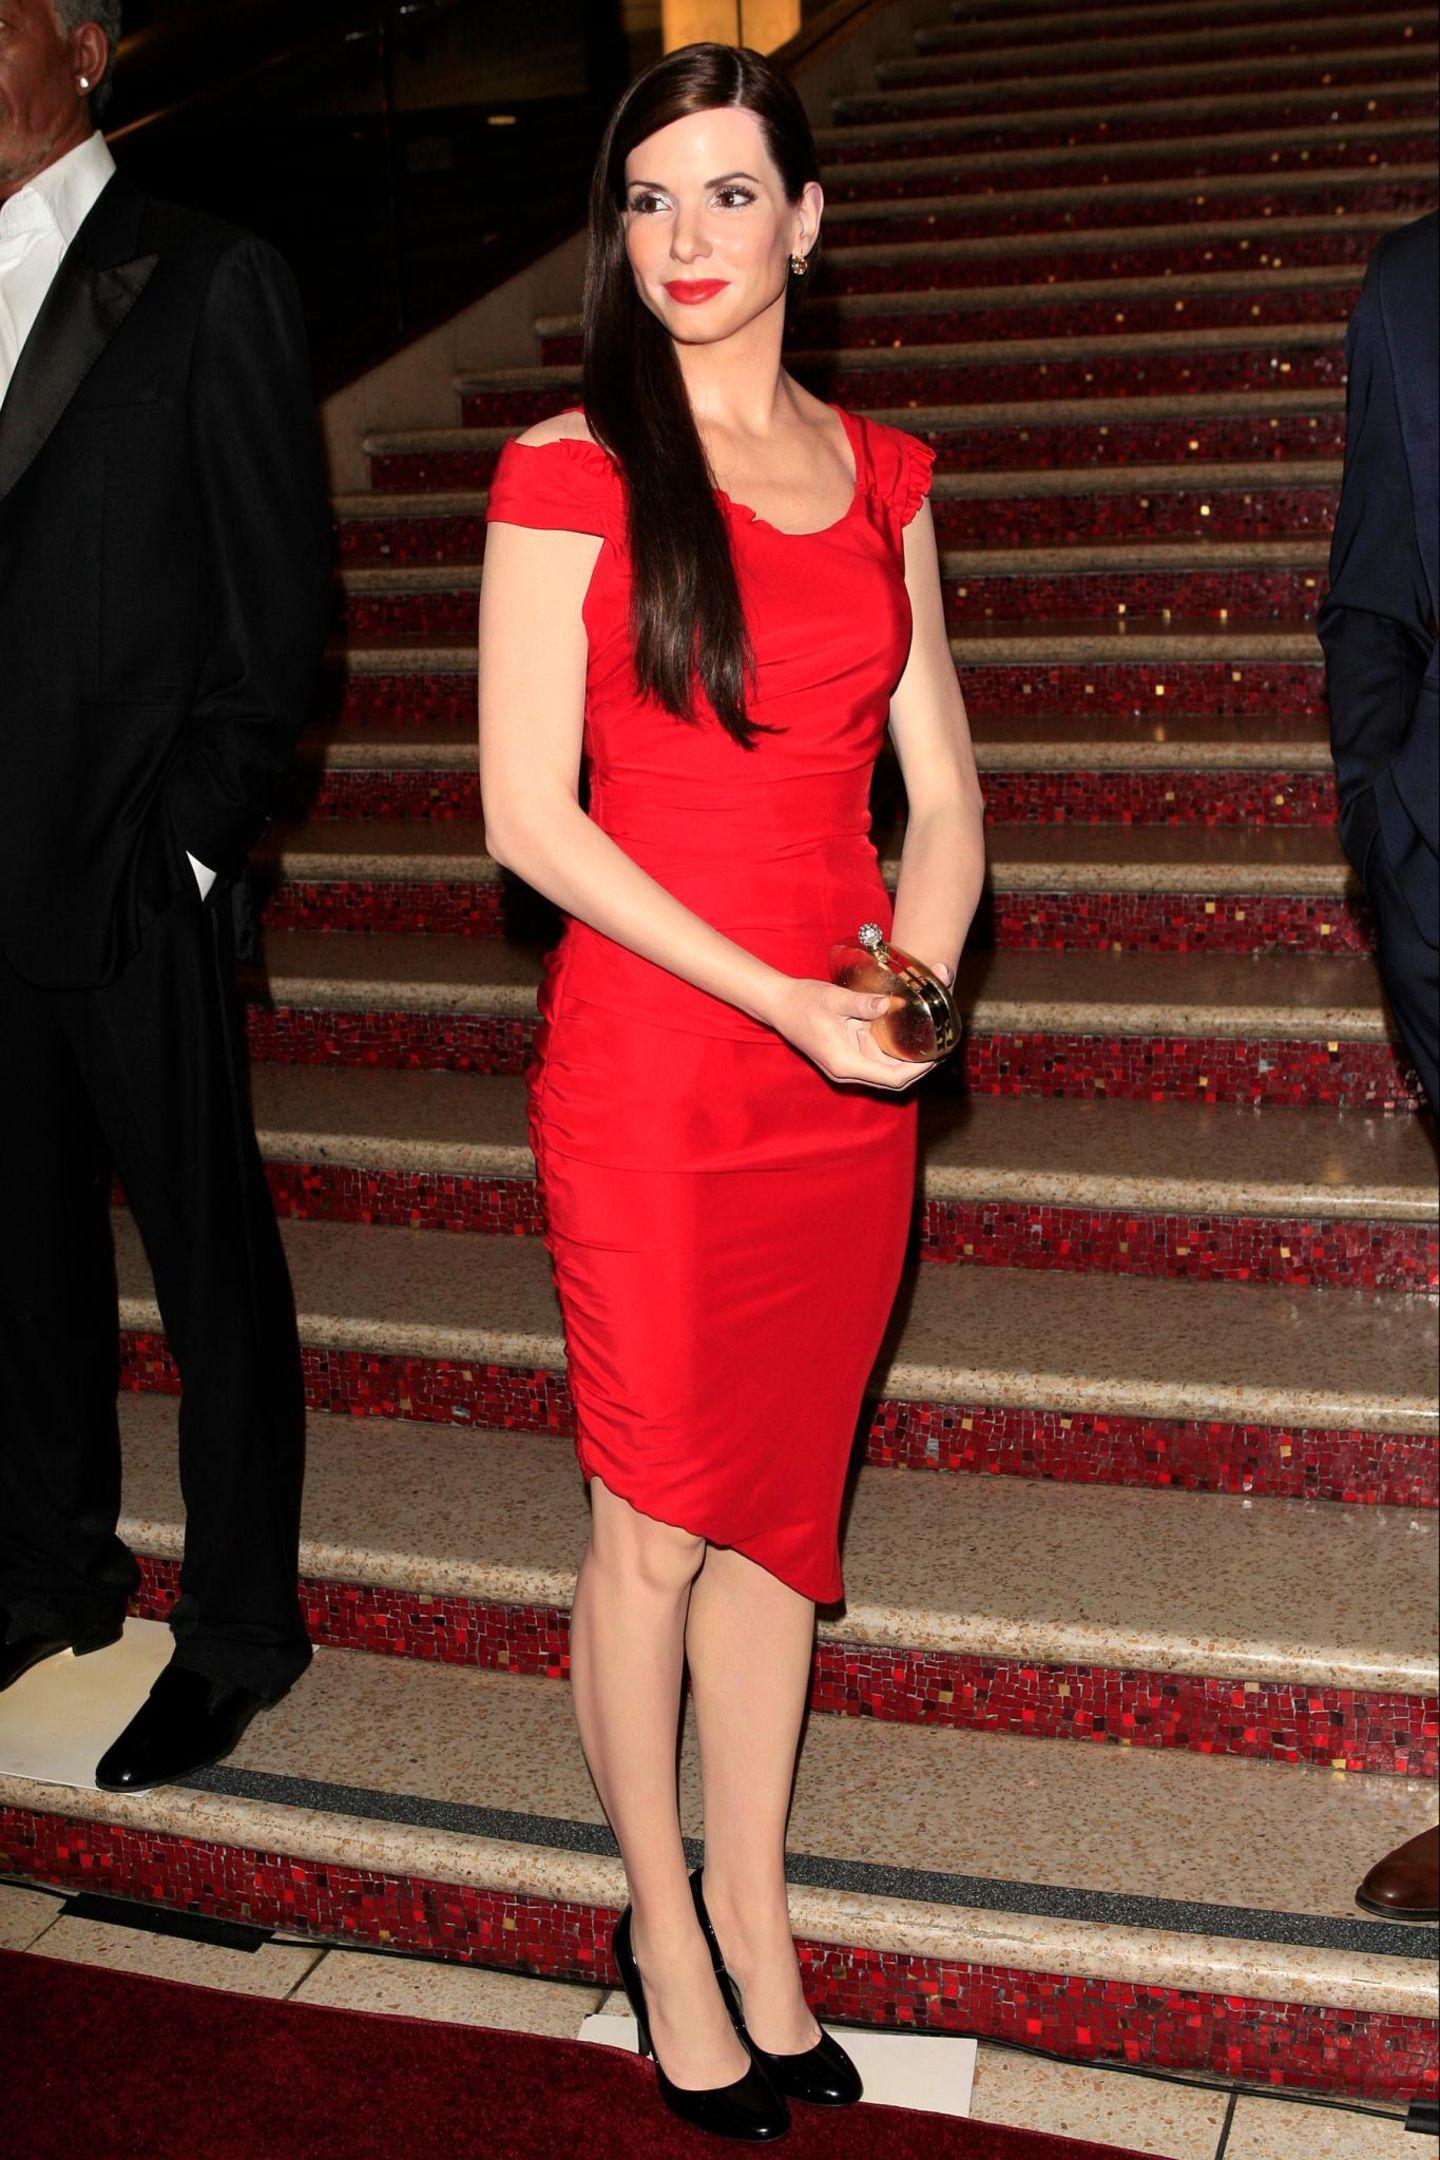 """In Hollywood bekommt Sandra Bullock eine neue Wachsfigur. """"Madame Taussauds"""" zeigt die Figur der Schauspielerin mit rotem Kleid und passendem Lippenstift."""